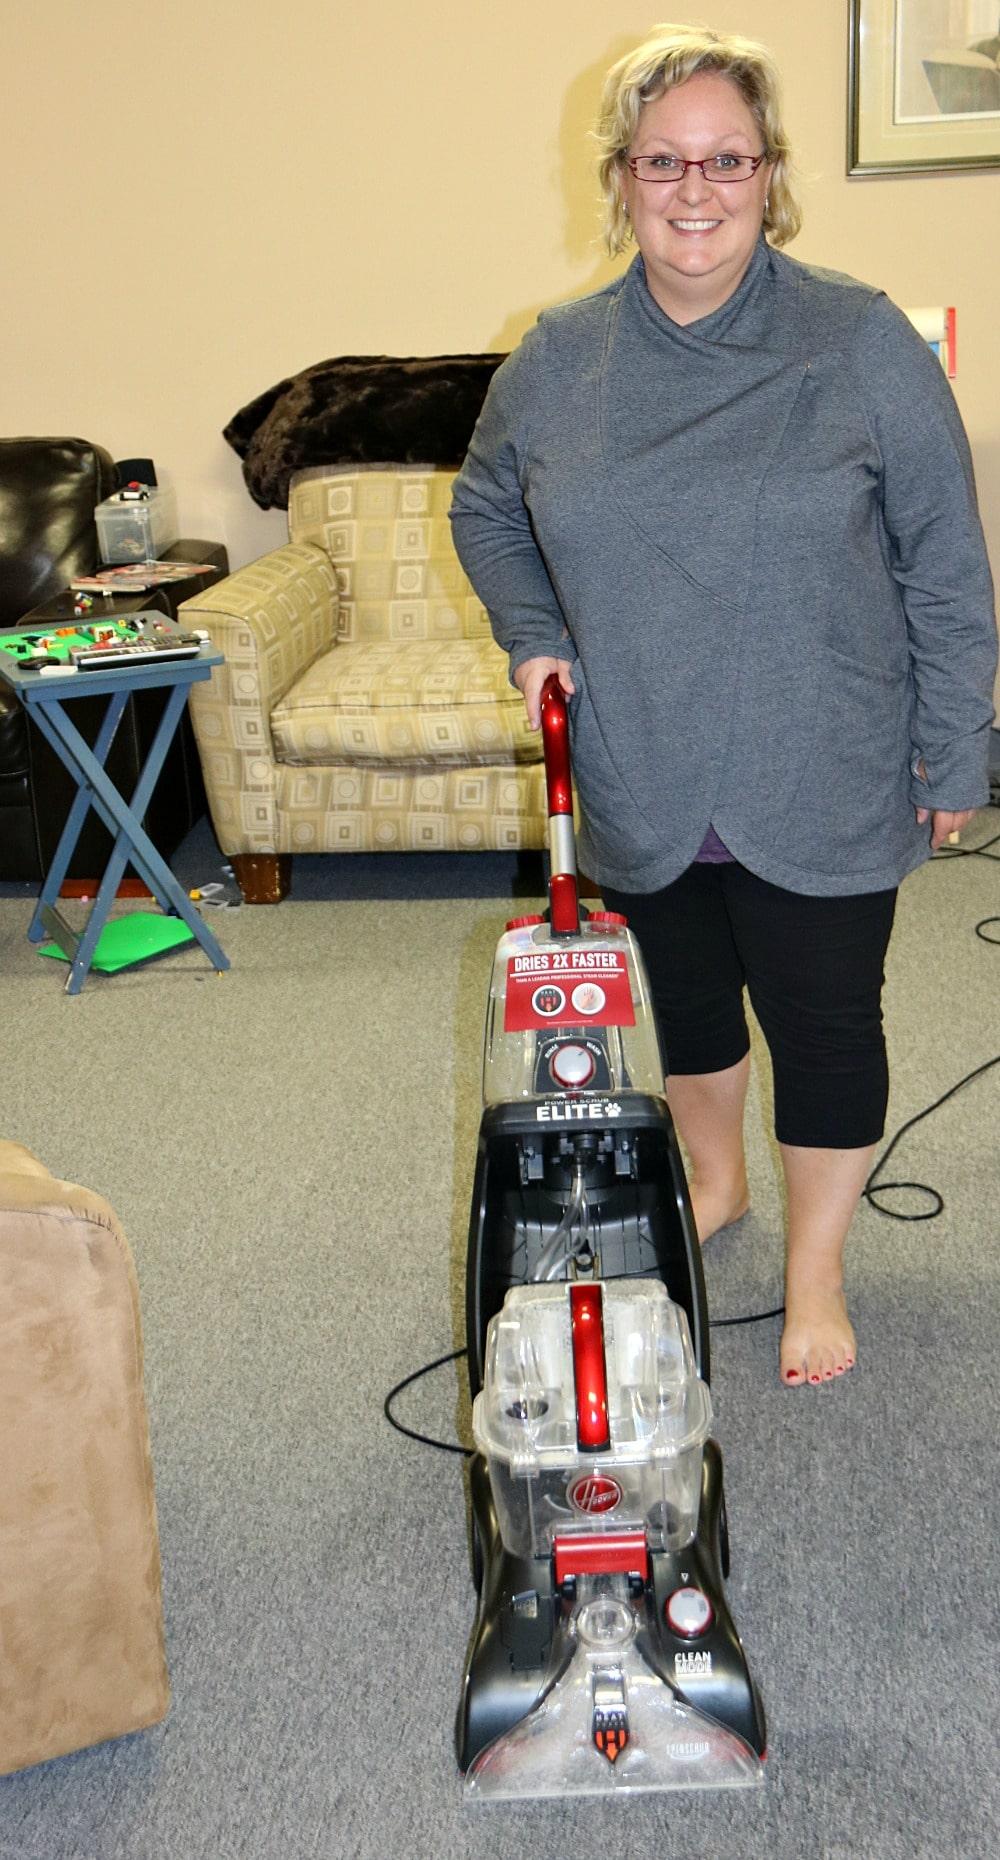 Hoover Elite Pet Carpet Cleaner